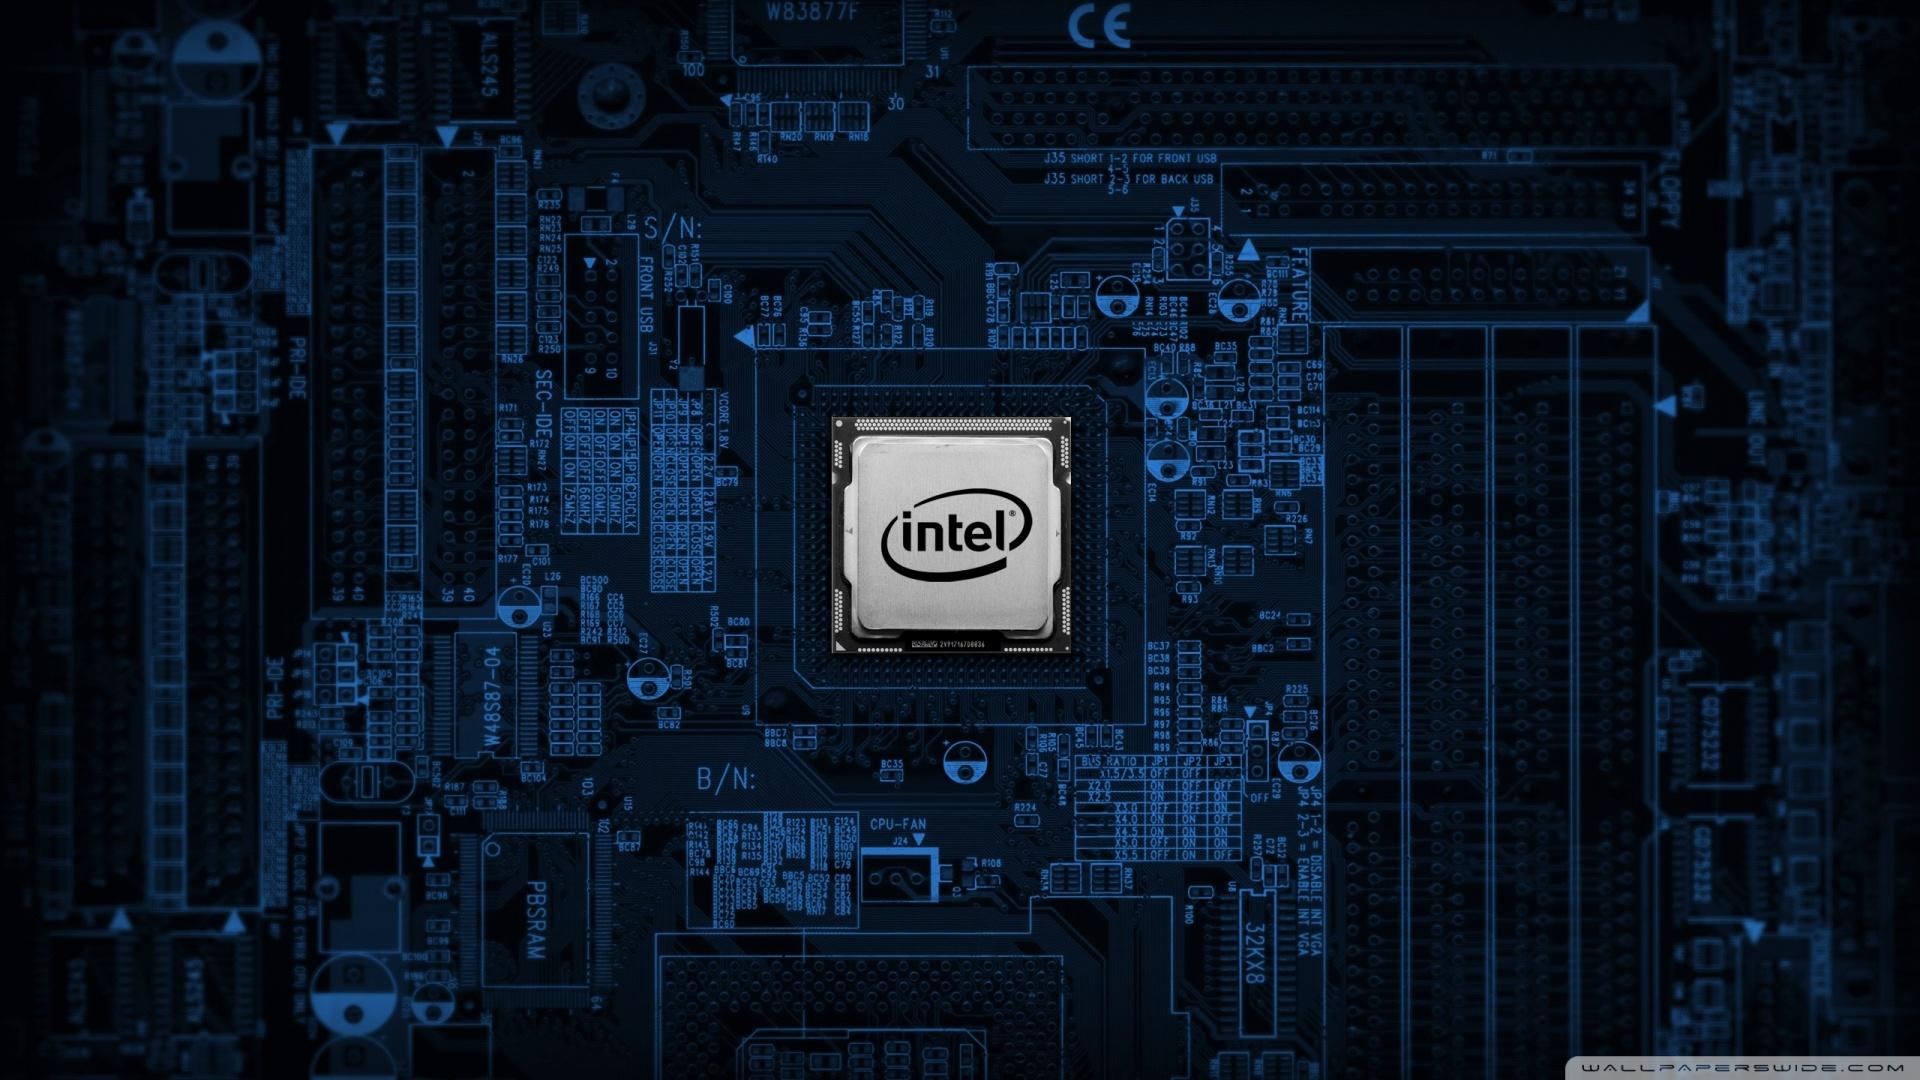 Intel Motherboard Wallpaper 1920x1080 Intel Motherboard 1920x1080